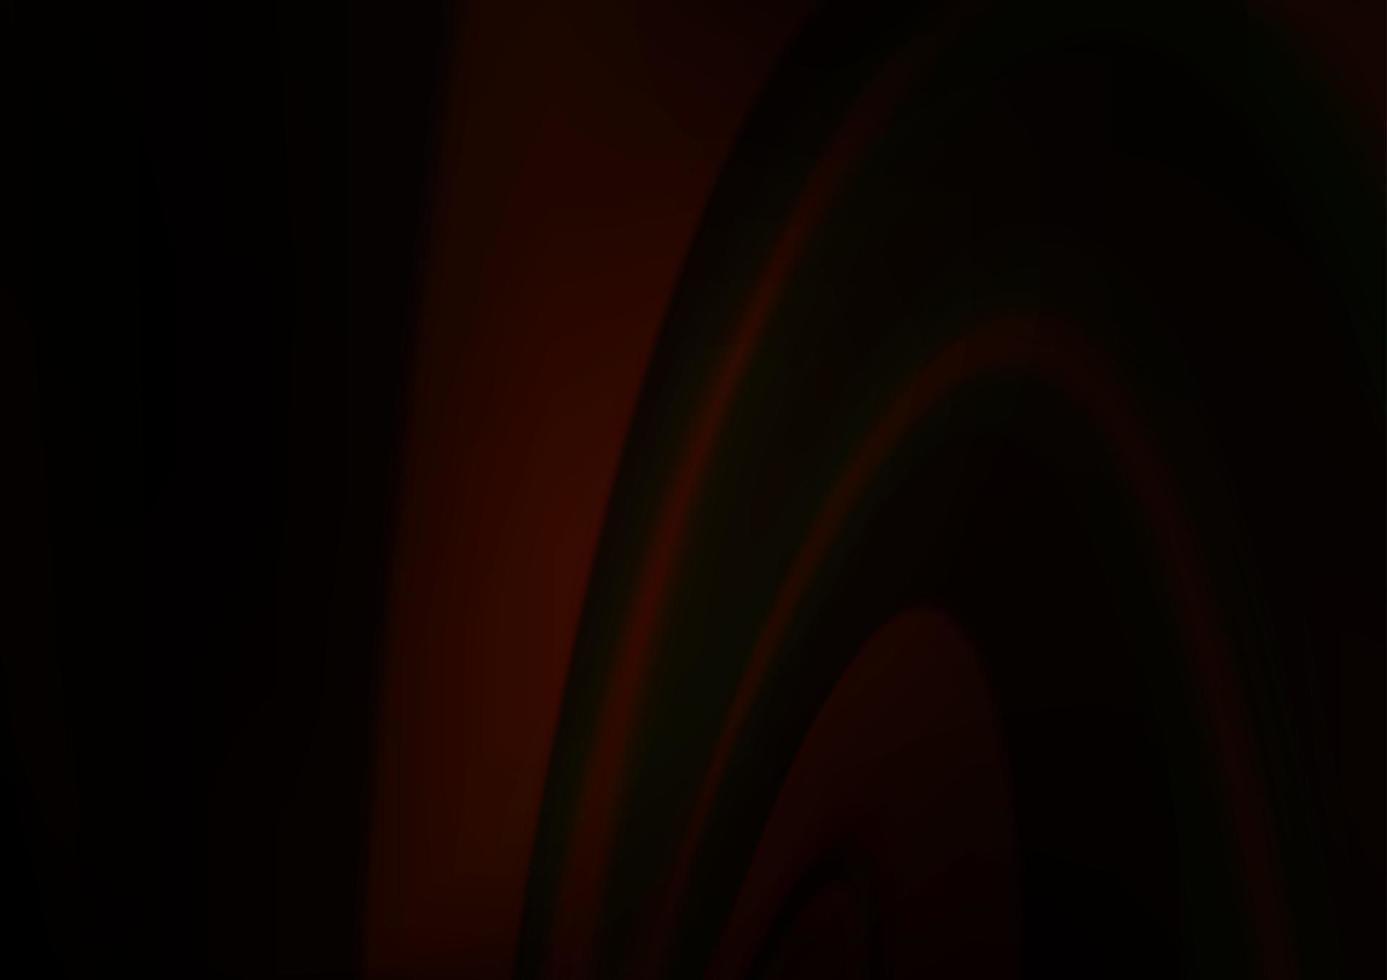 modelo brilhante do sumário do vetor vermelho escuro.